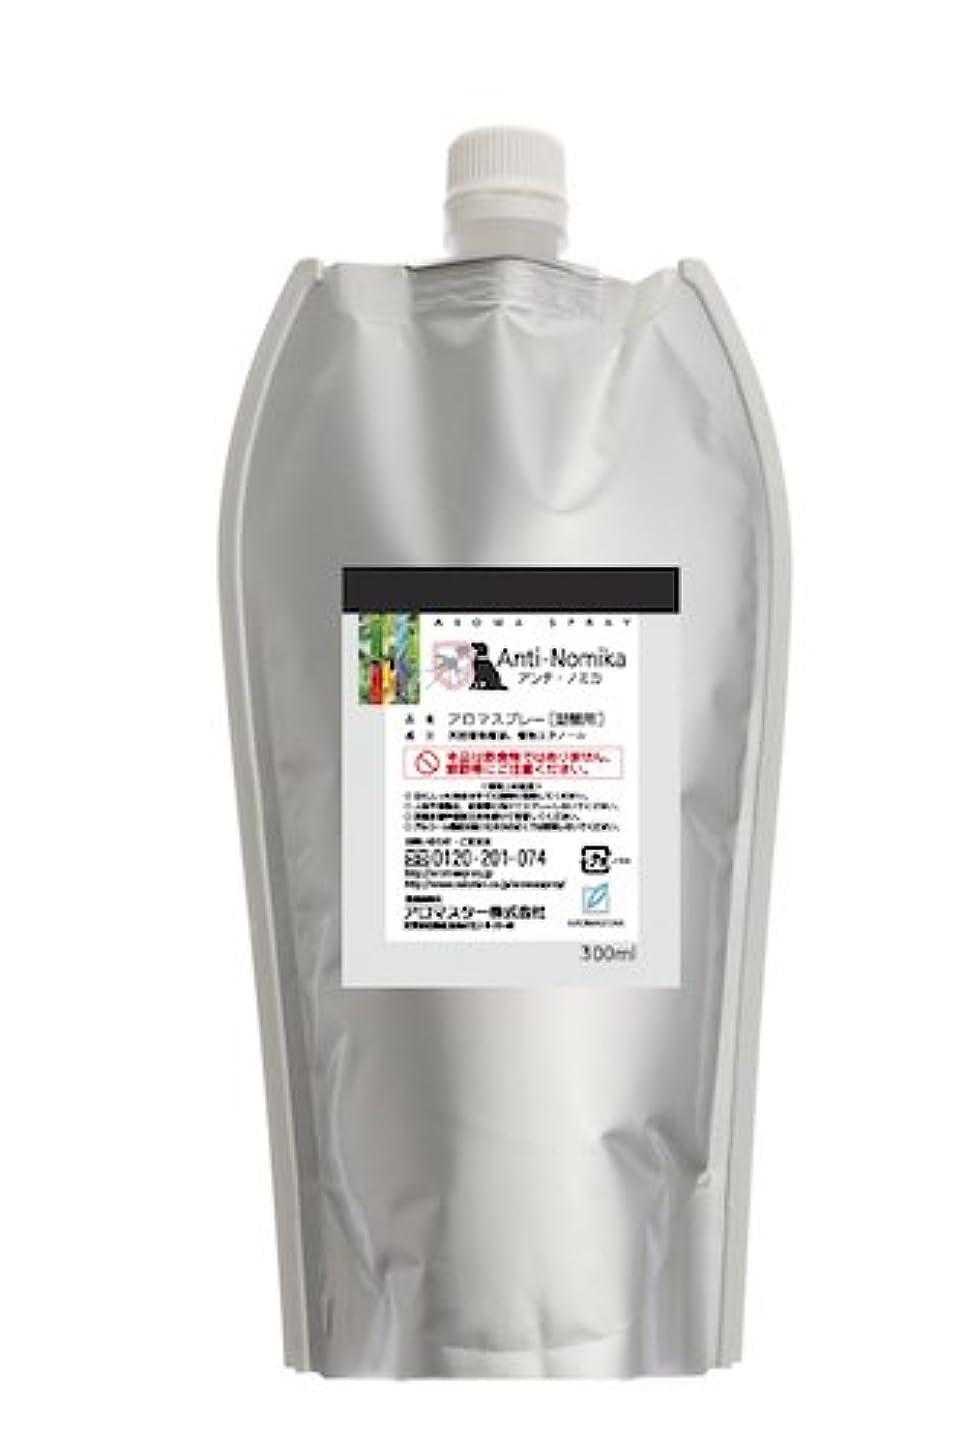 癌洗練された嵐のAROMASTAR(アロマスター) アロマスプレー アンチノミカ 300ml詰替用(エコパック)